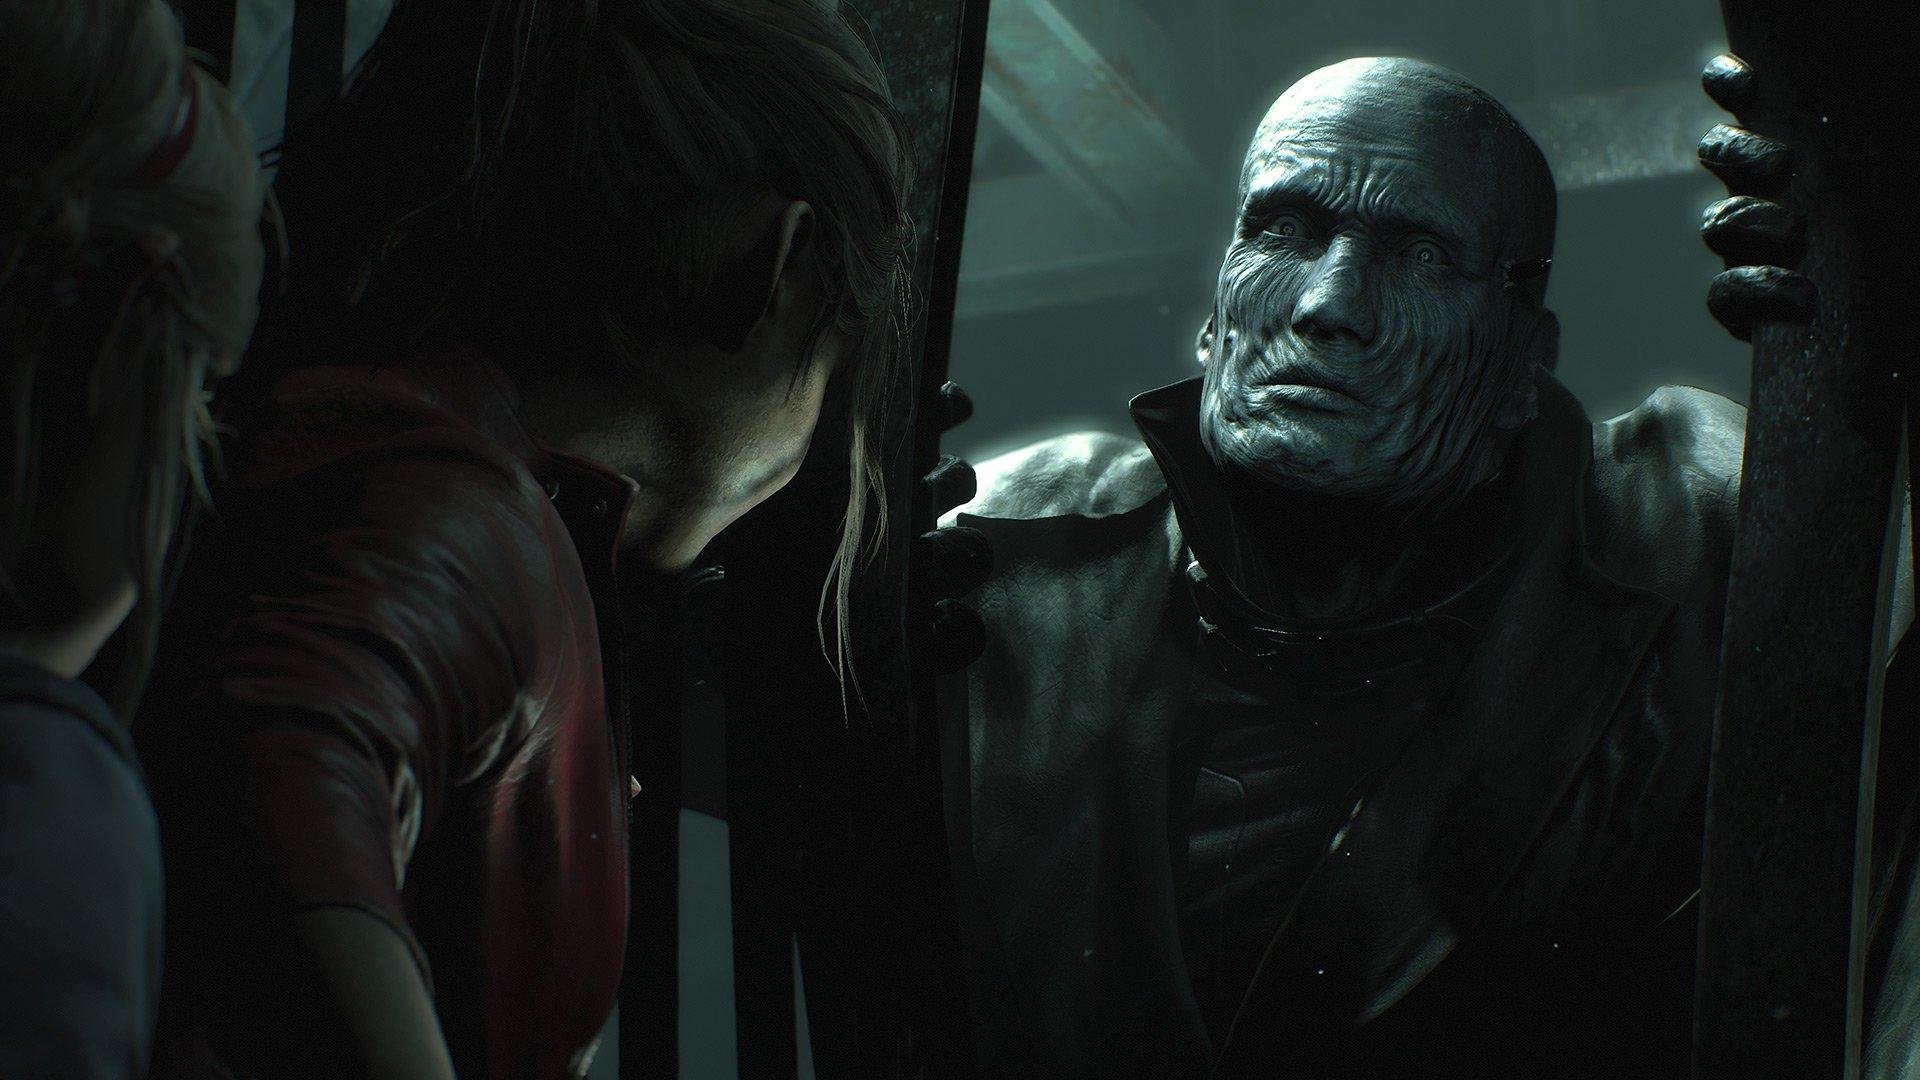 Residetn Evil 2 Remake 3 miliony kopií